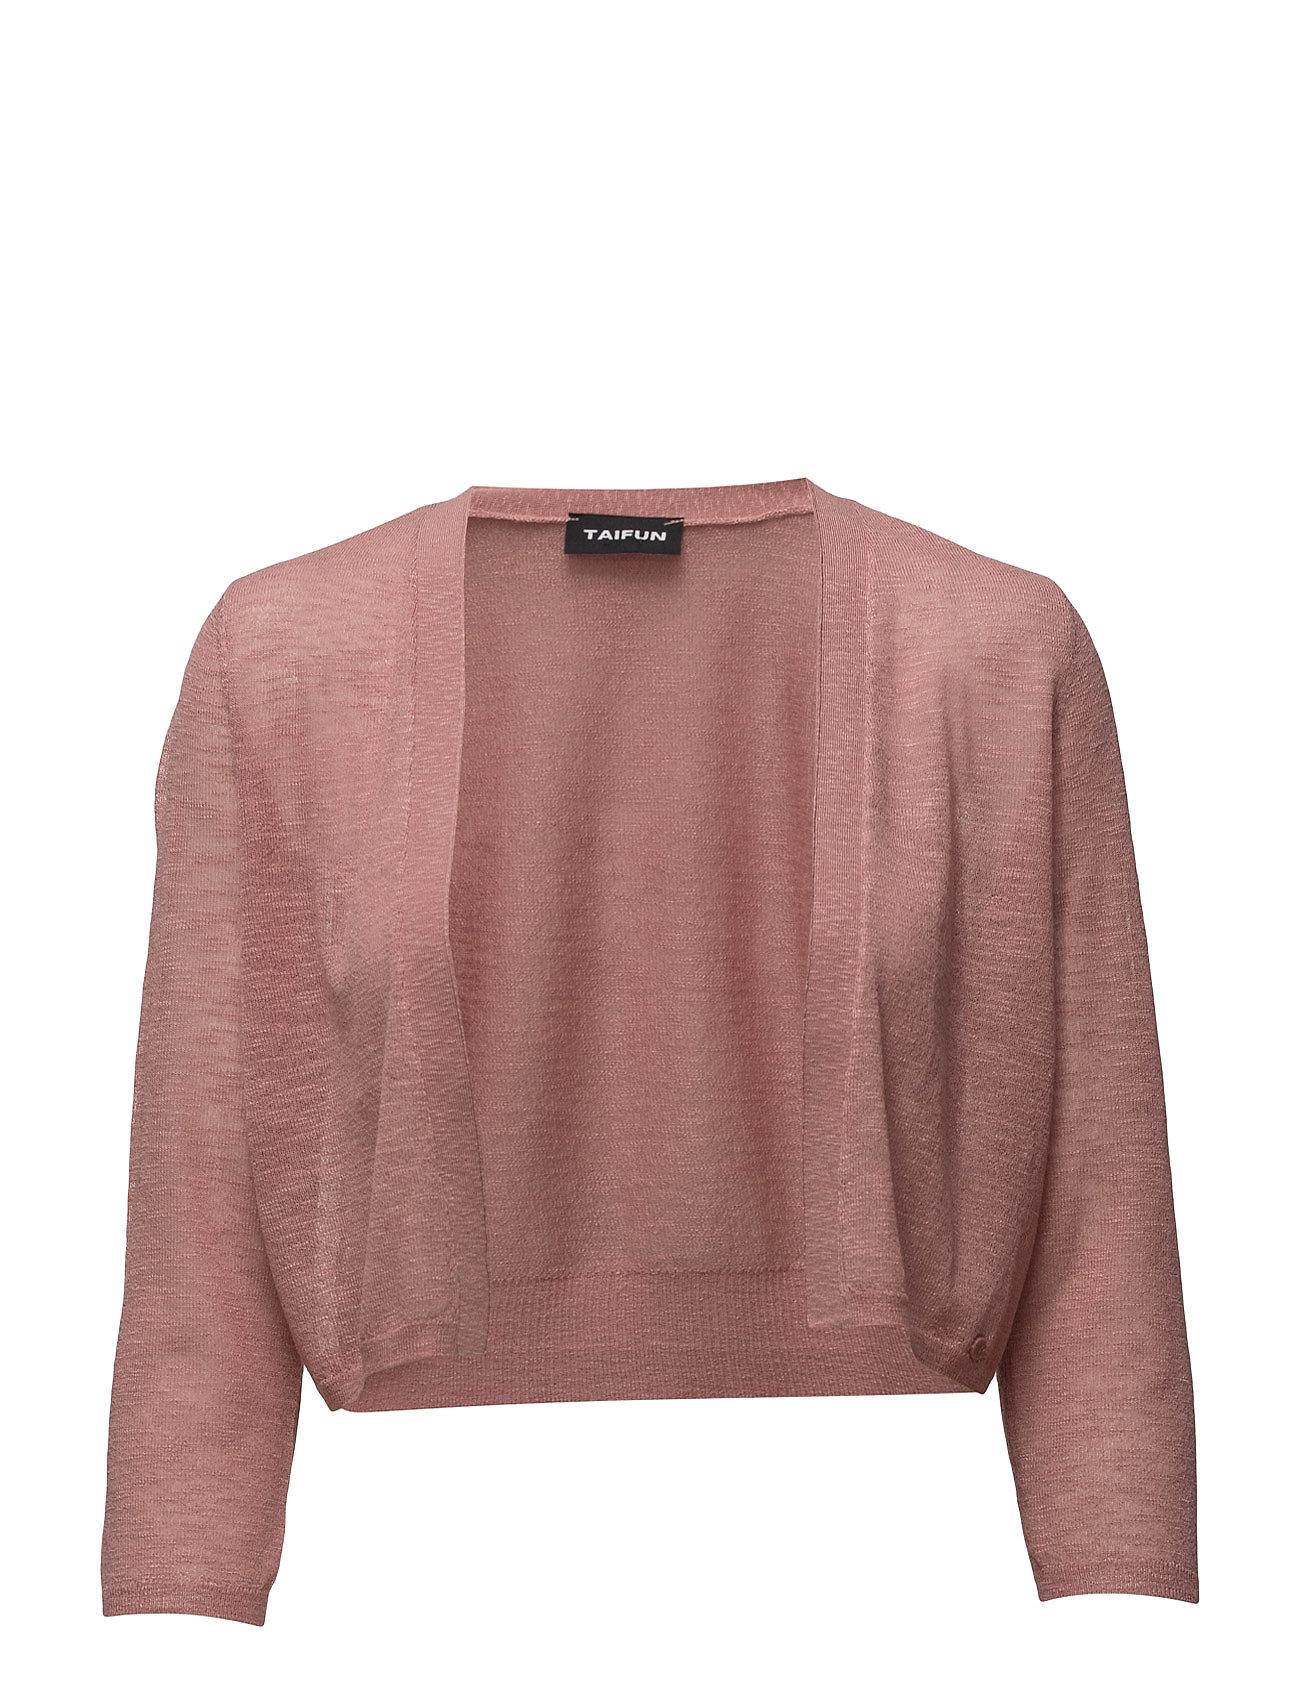 taifun – Jacket knitwear på boozt.com dk